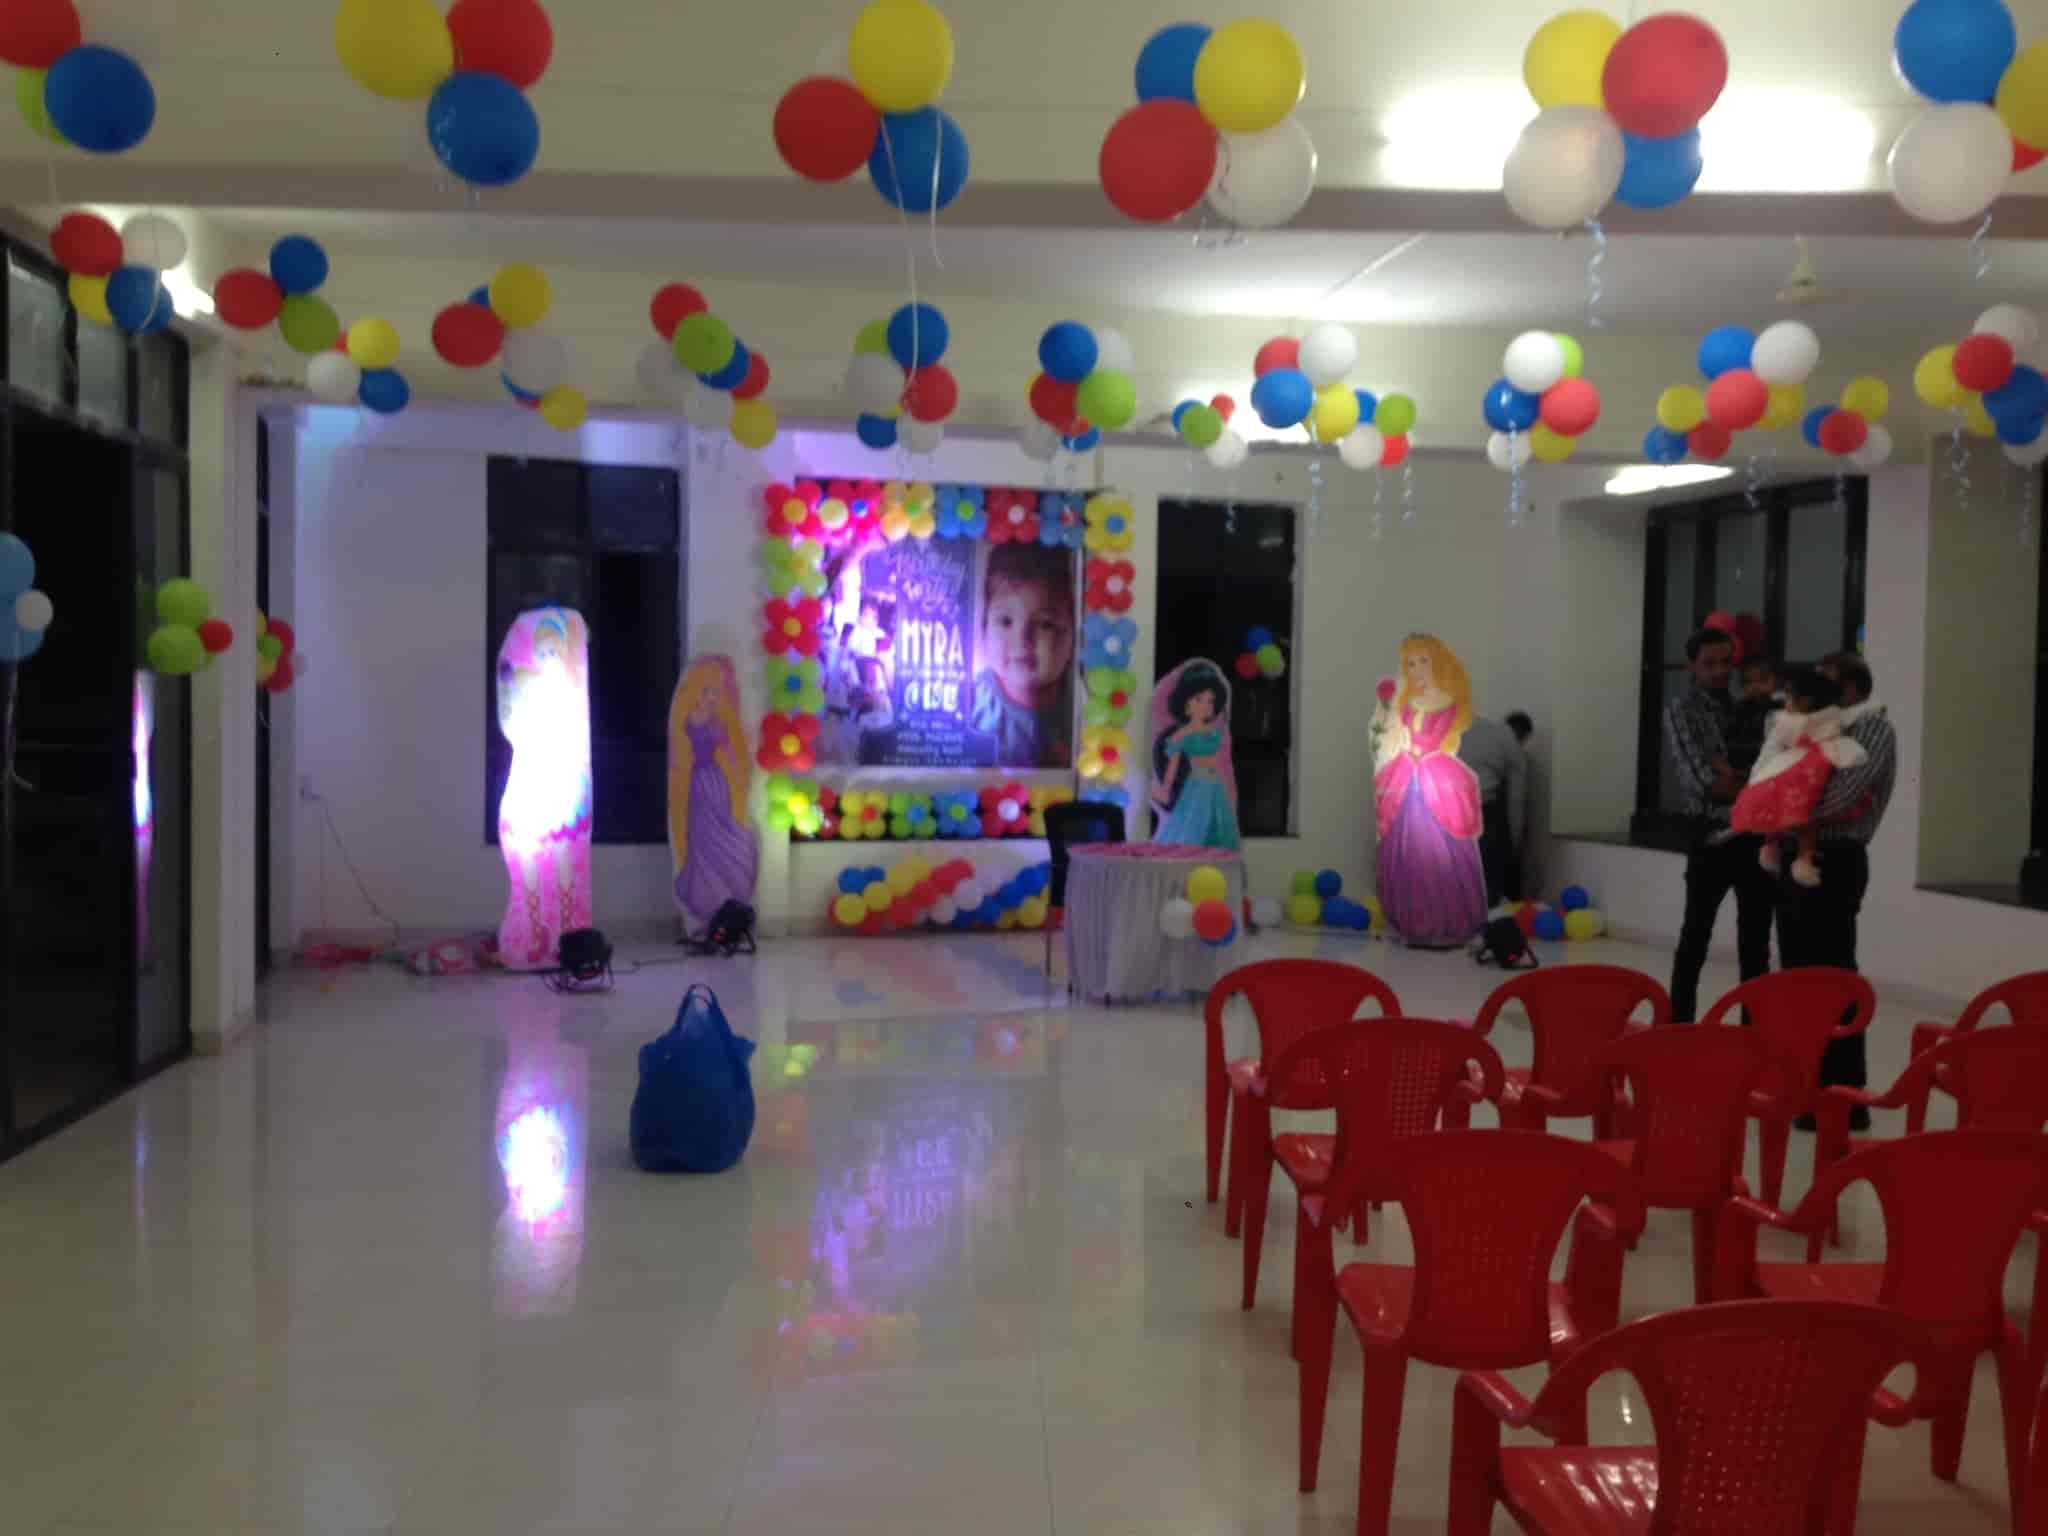 Top 100 Balloon Decorators in Pune Best Helium Balloon Decorators